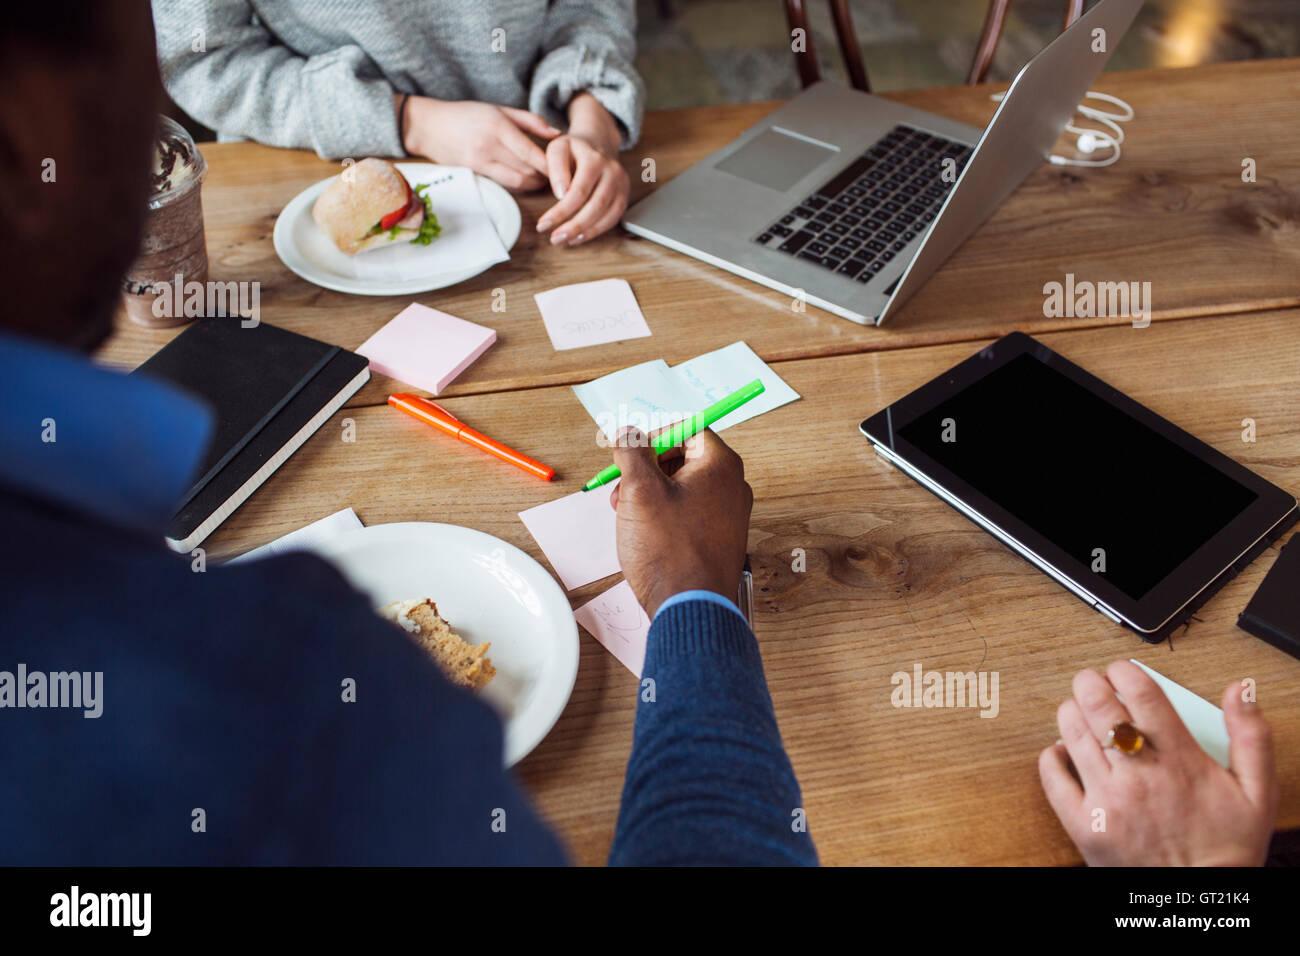 Imagen recortada de amigos trabajando mientras habiendo sandwich en cafe Imagen De Stock